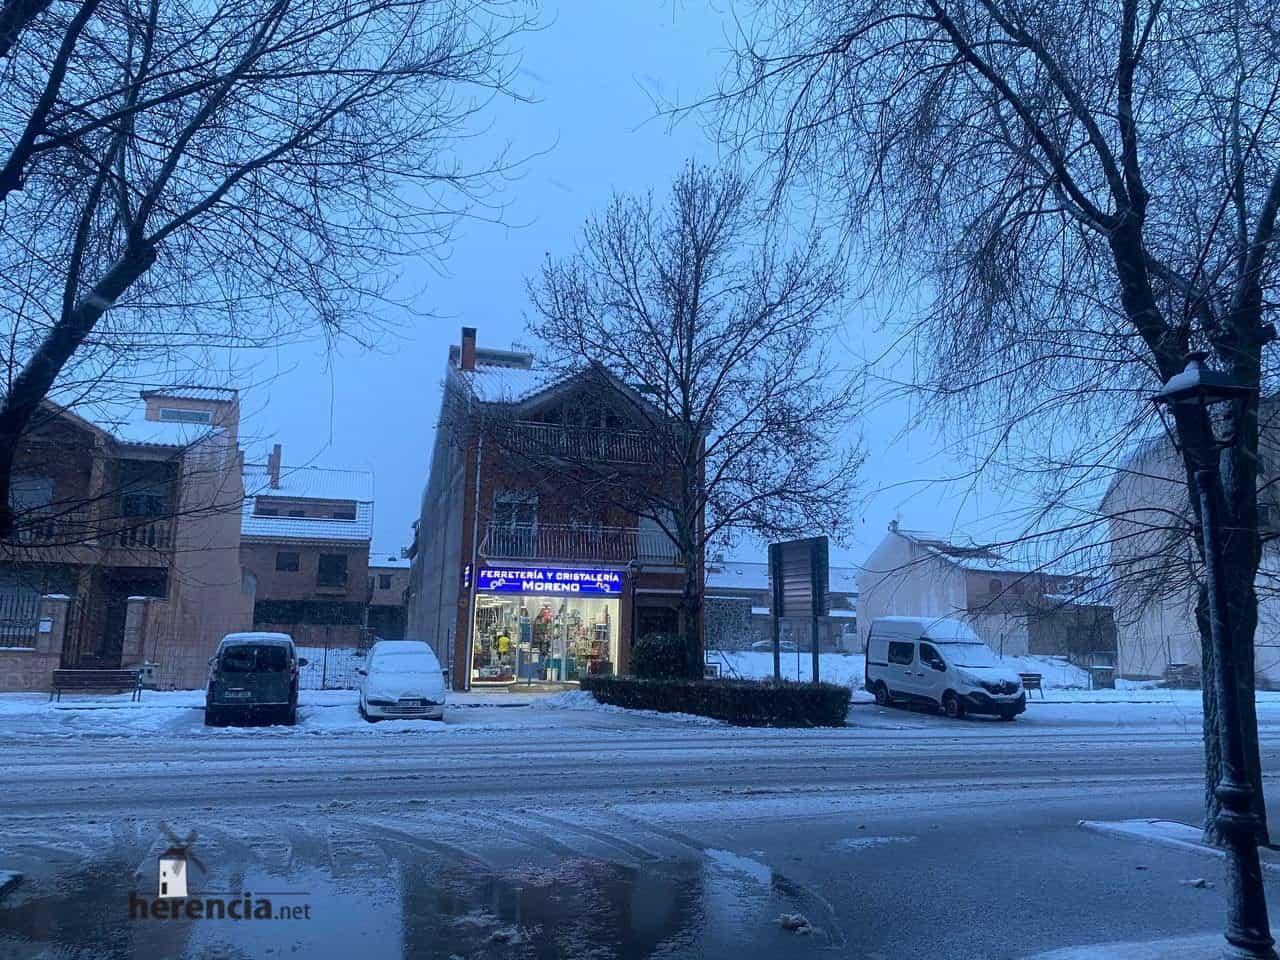 Fotografías de la nevada en Herencia (Ciudad Real) 60